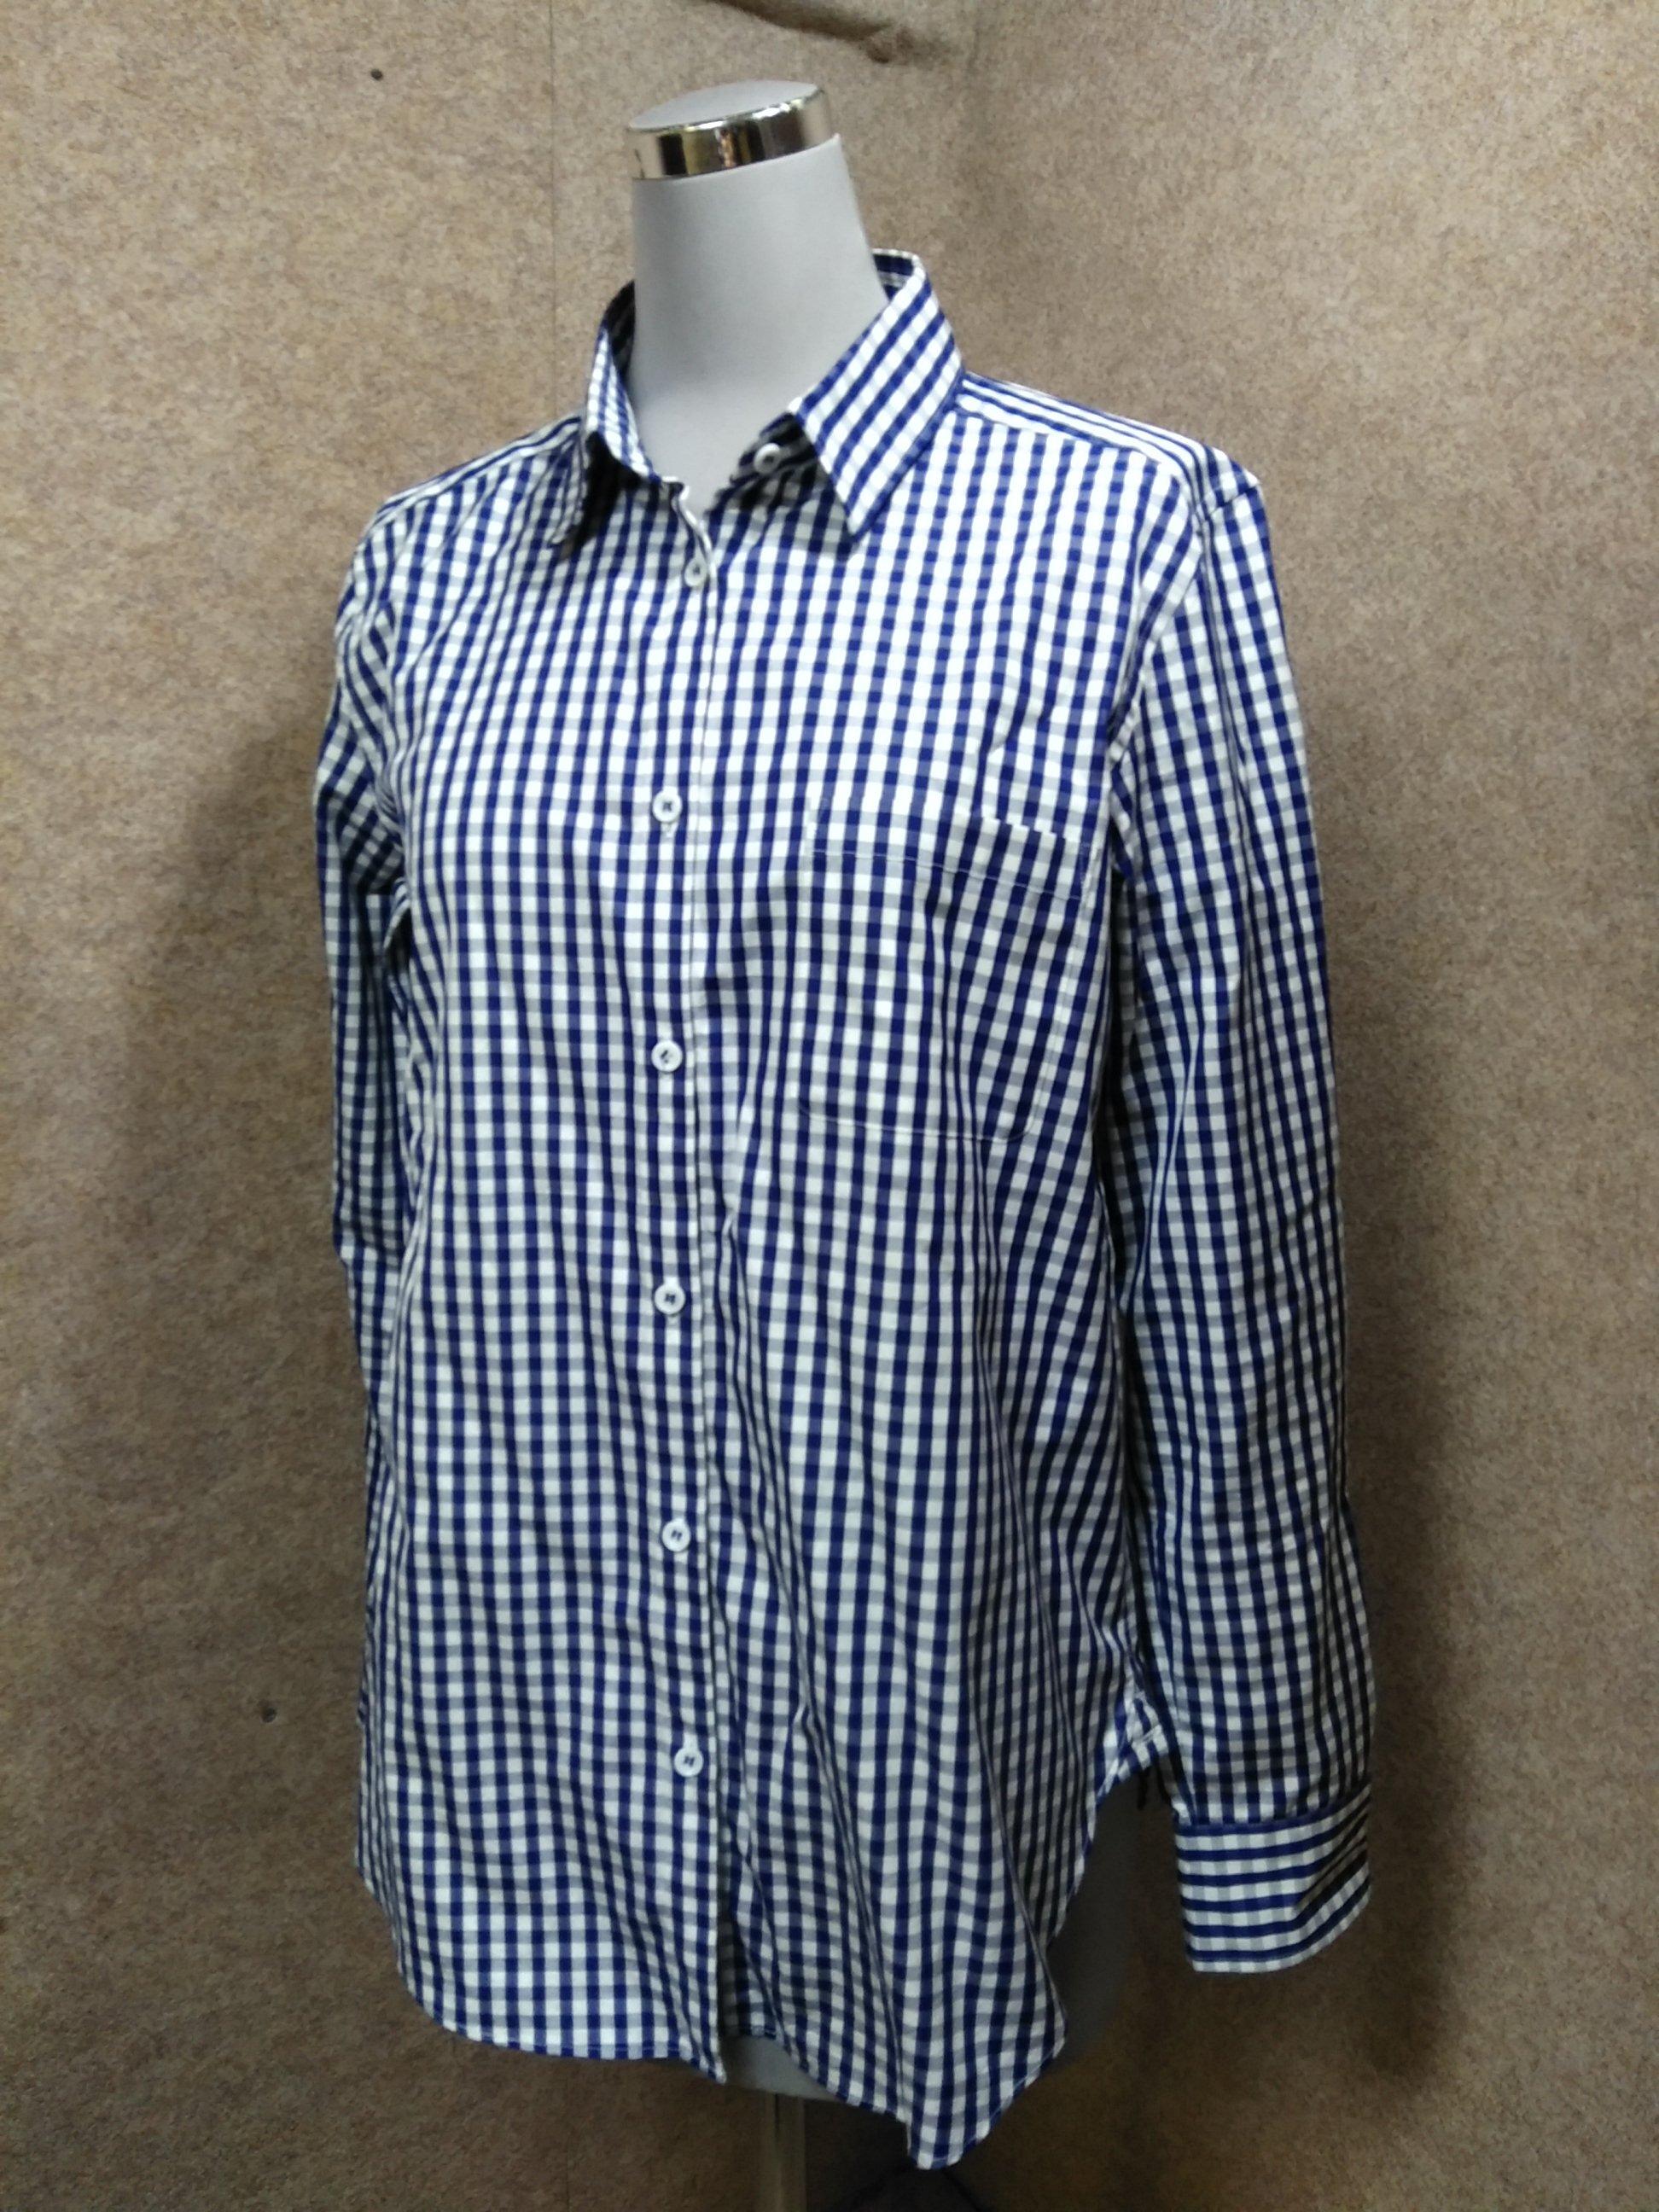 ANAYI アナイ レディースチェックシャツ 38 ネイビー系 my989c